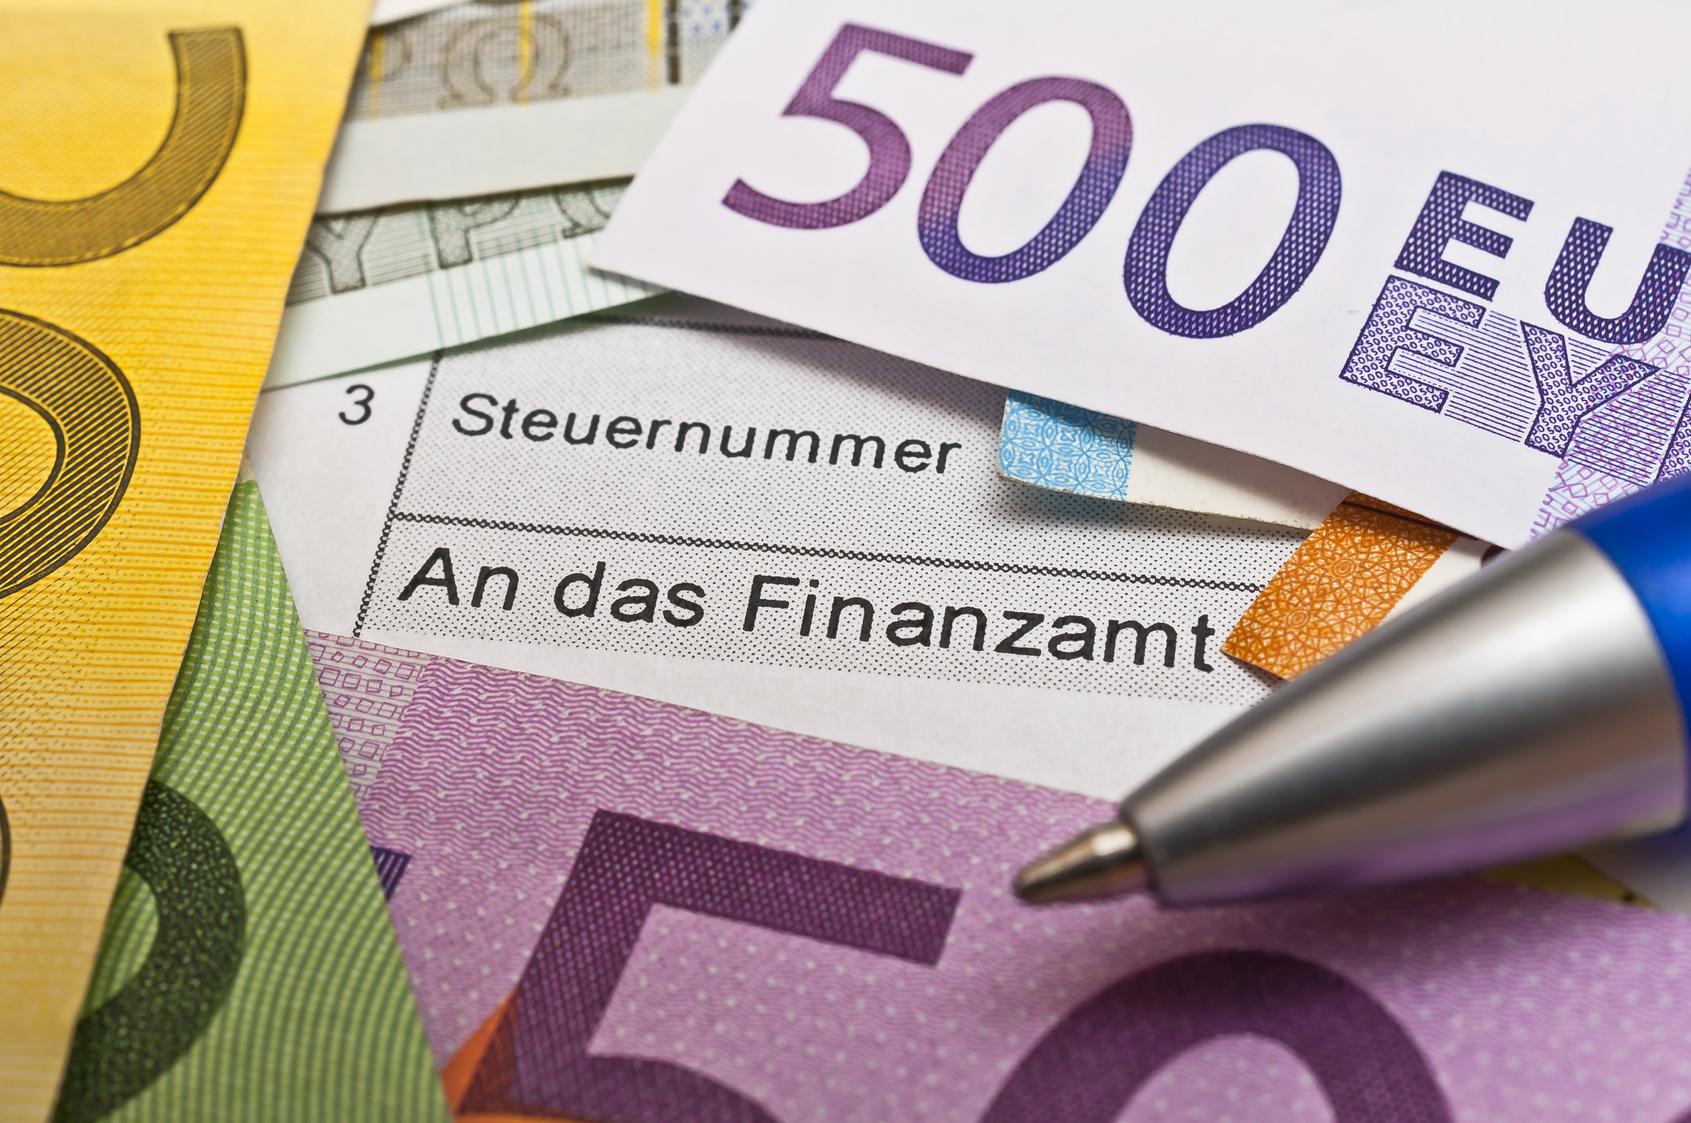 steuerformular mit schrift steuernummer und an das finanzamt auf dem euro - Steuererklarung Rentner Muster